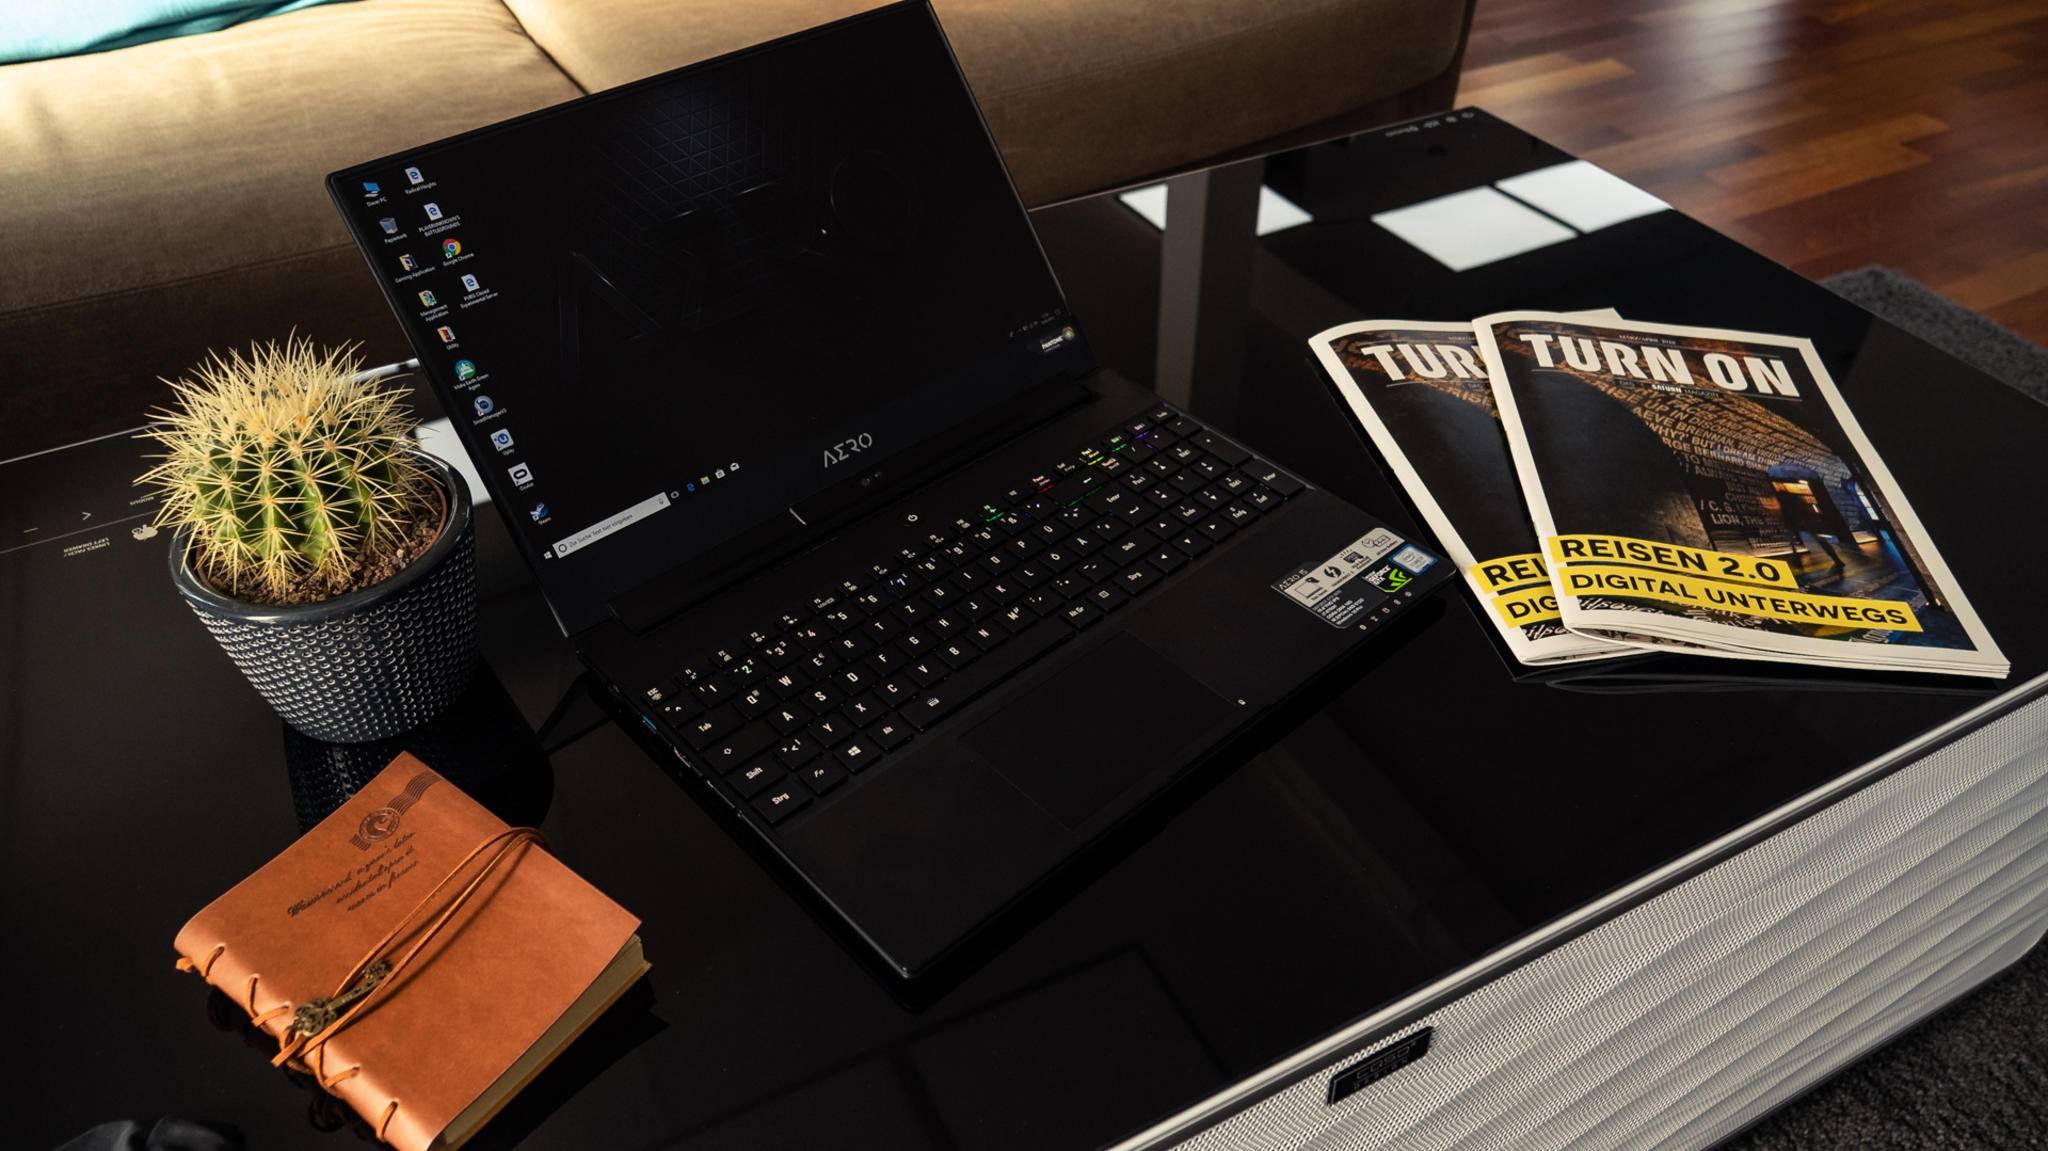 Gigabyte Aero 15X mit UHD-IPS-Display: Was bringt ein 4K-Gaming-Laptop?